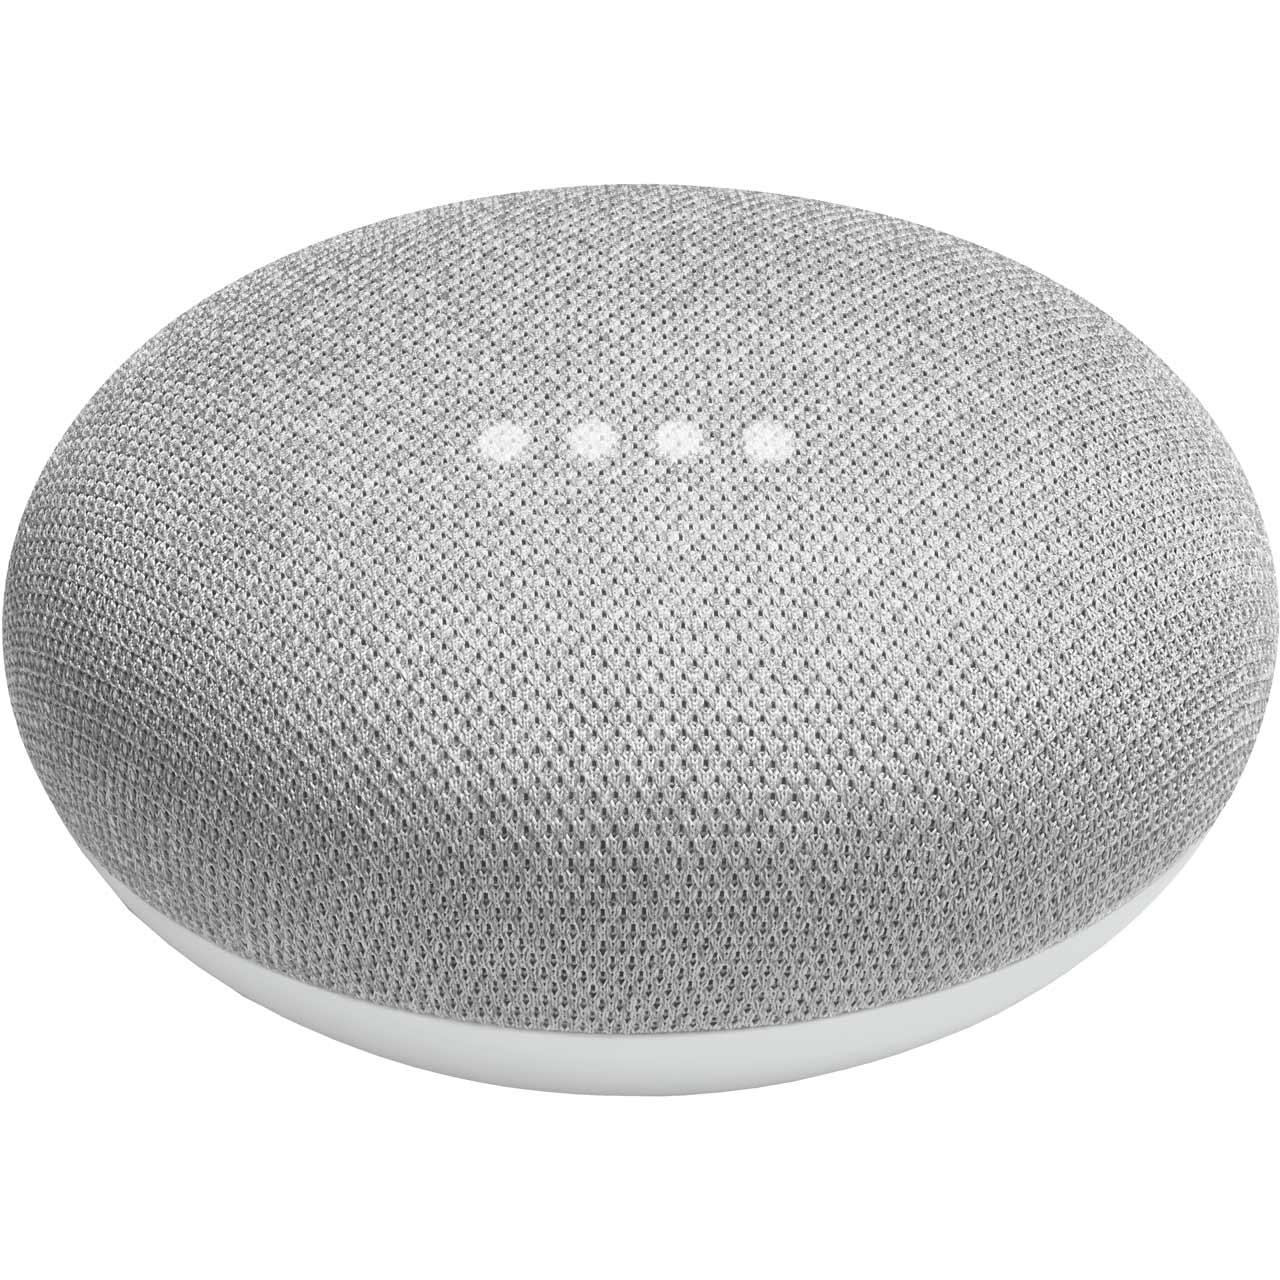 Google Home Mini Smart Speaker - Anthracite or Chalk £25 @ AO / AO eBay